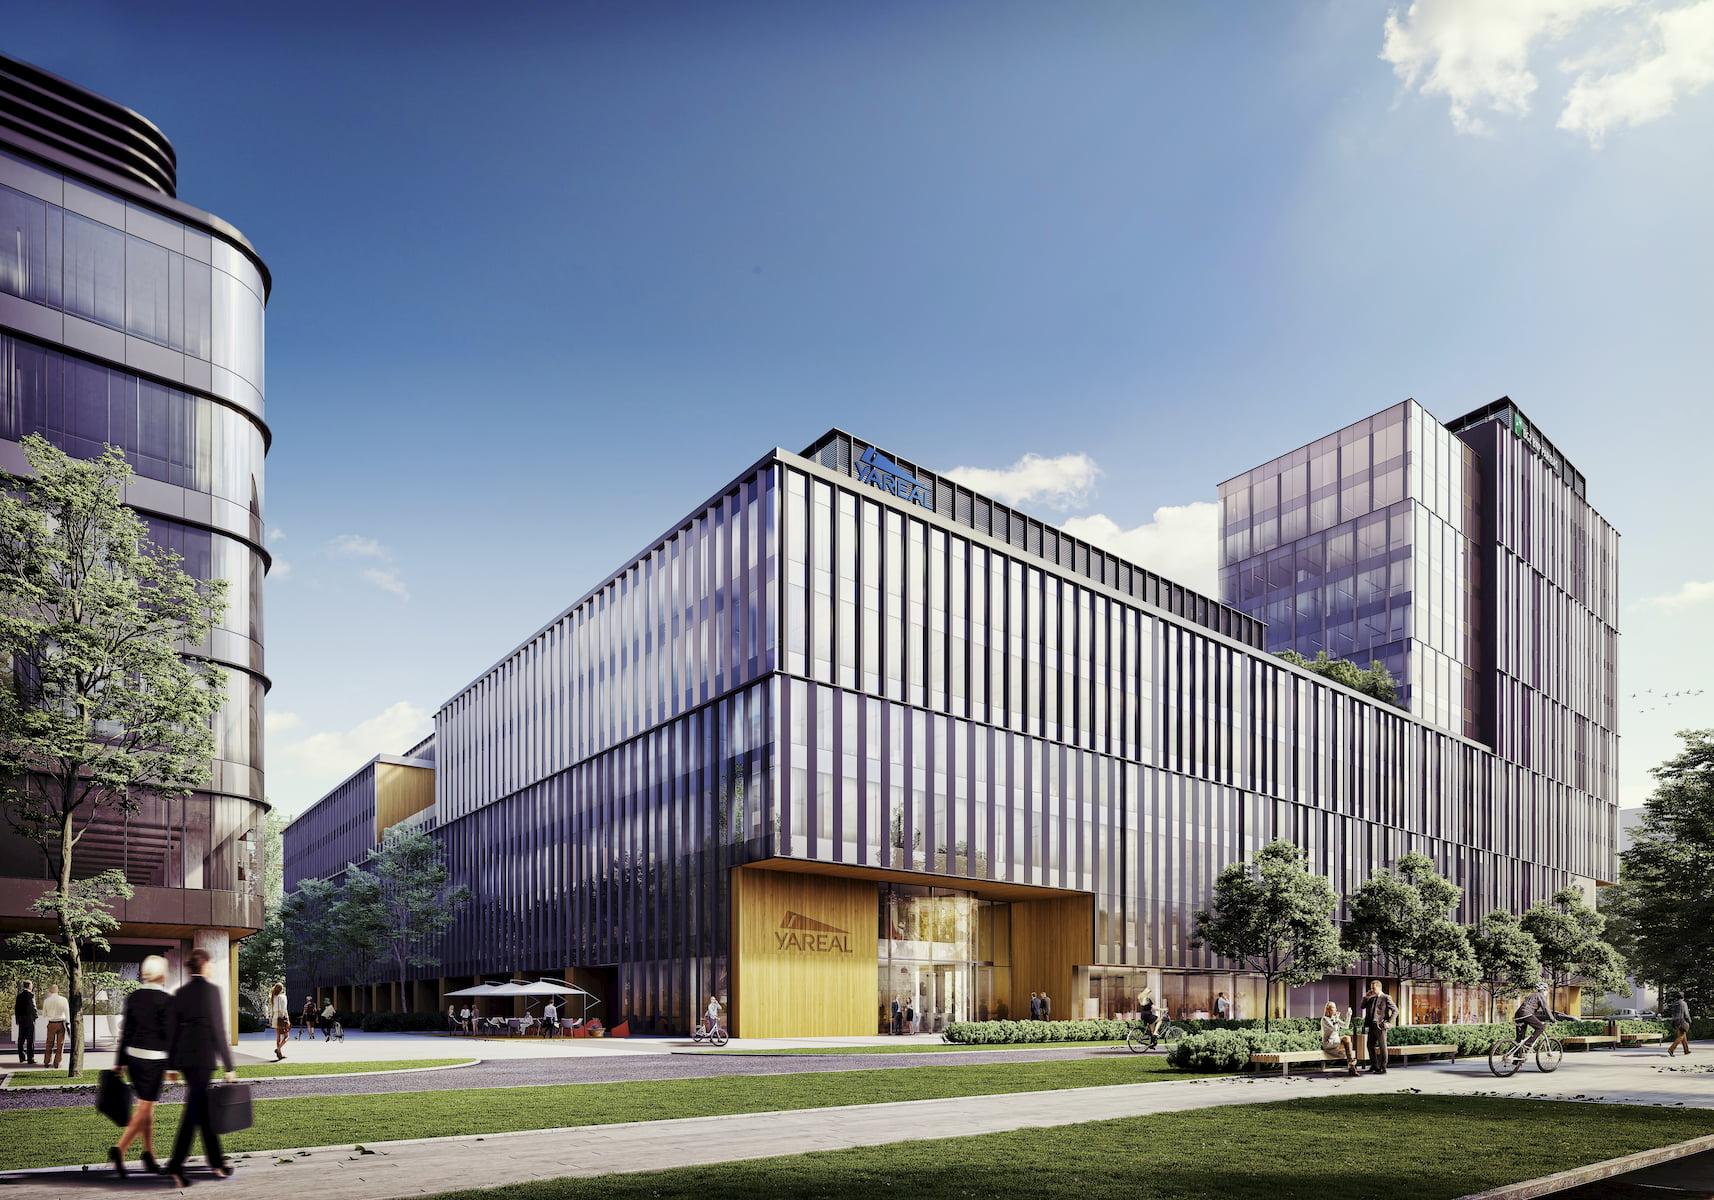 Lixa Office Park Yareal HRA Architekci 2014-2018 widok z ulicy